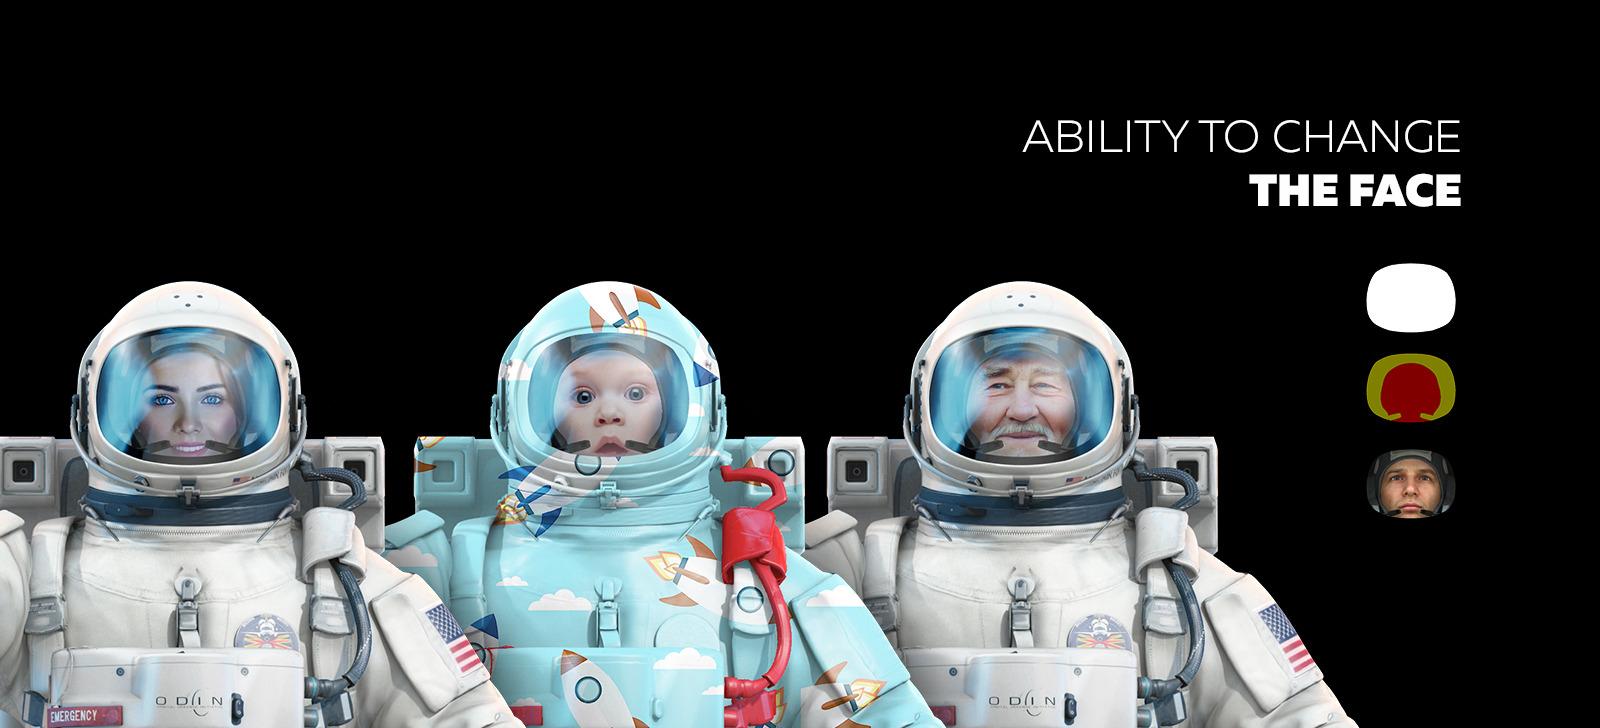 16款多角度太空宇航员3D模型平面设计PS素材源文件 3D Mockup Space Astronaut #14插图(2)